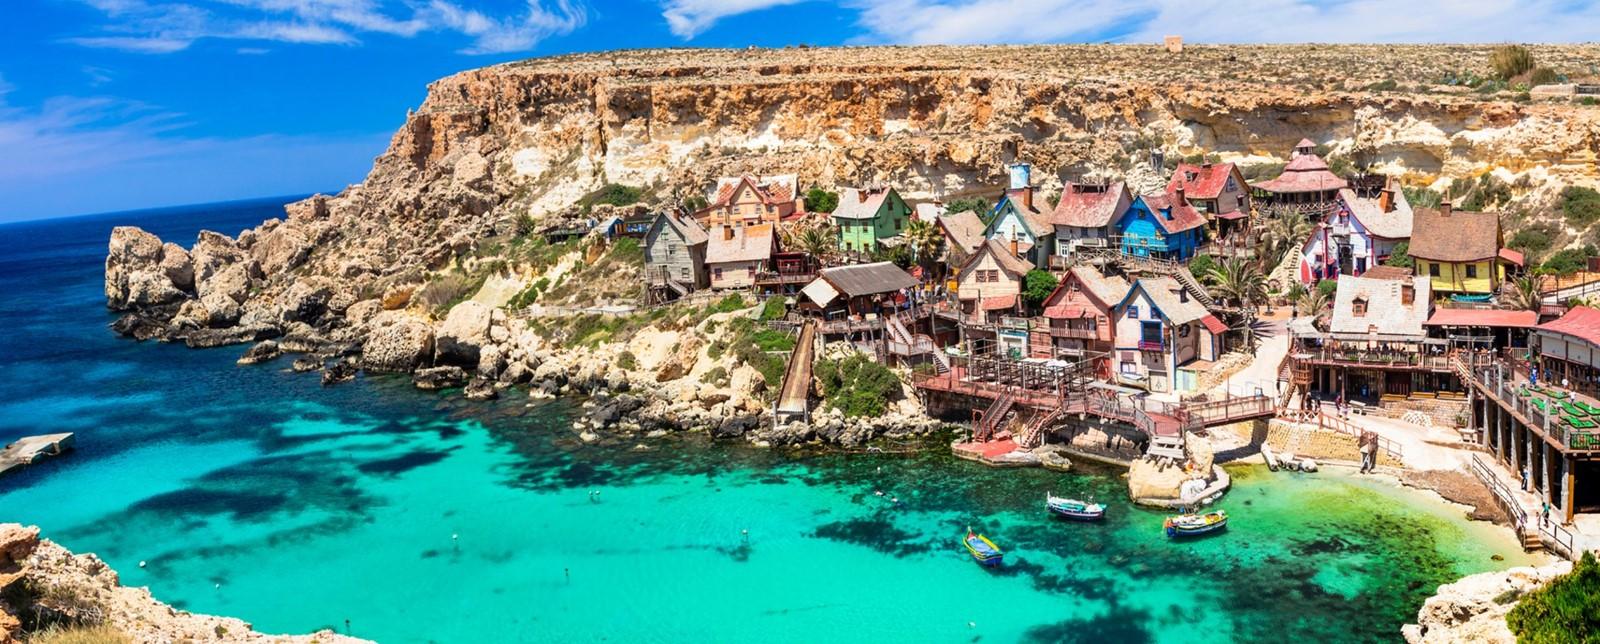 popular family attractions in malta